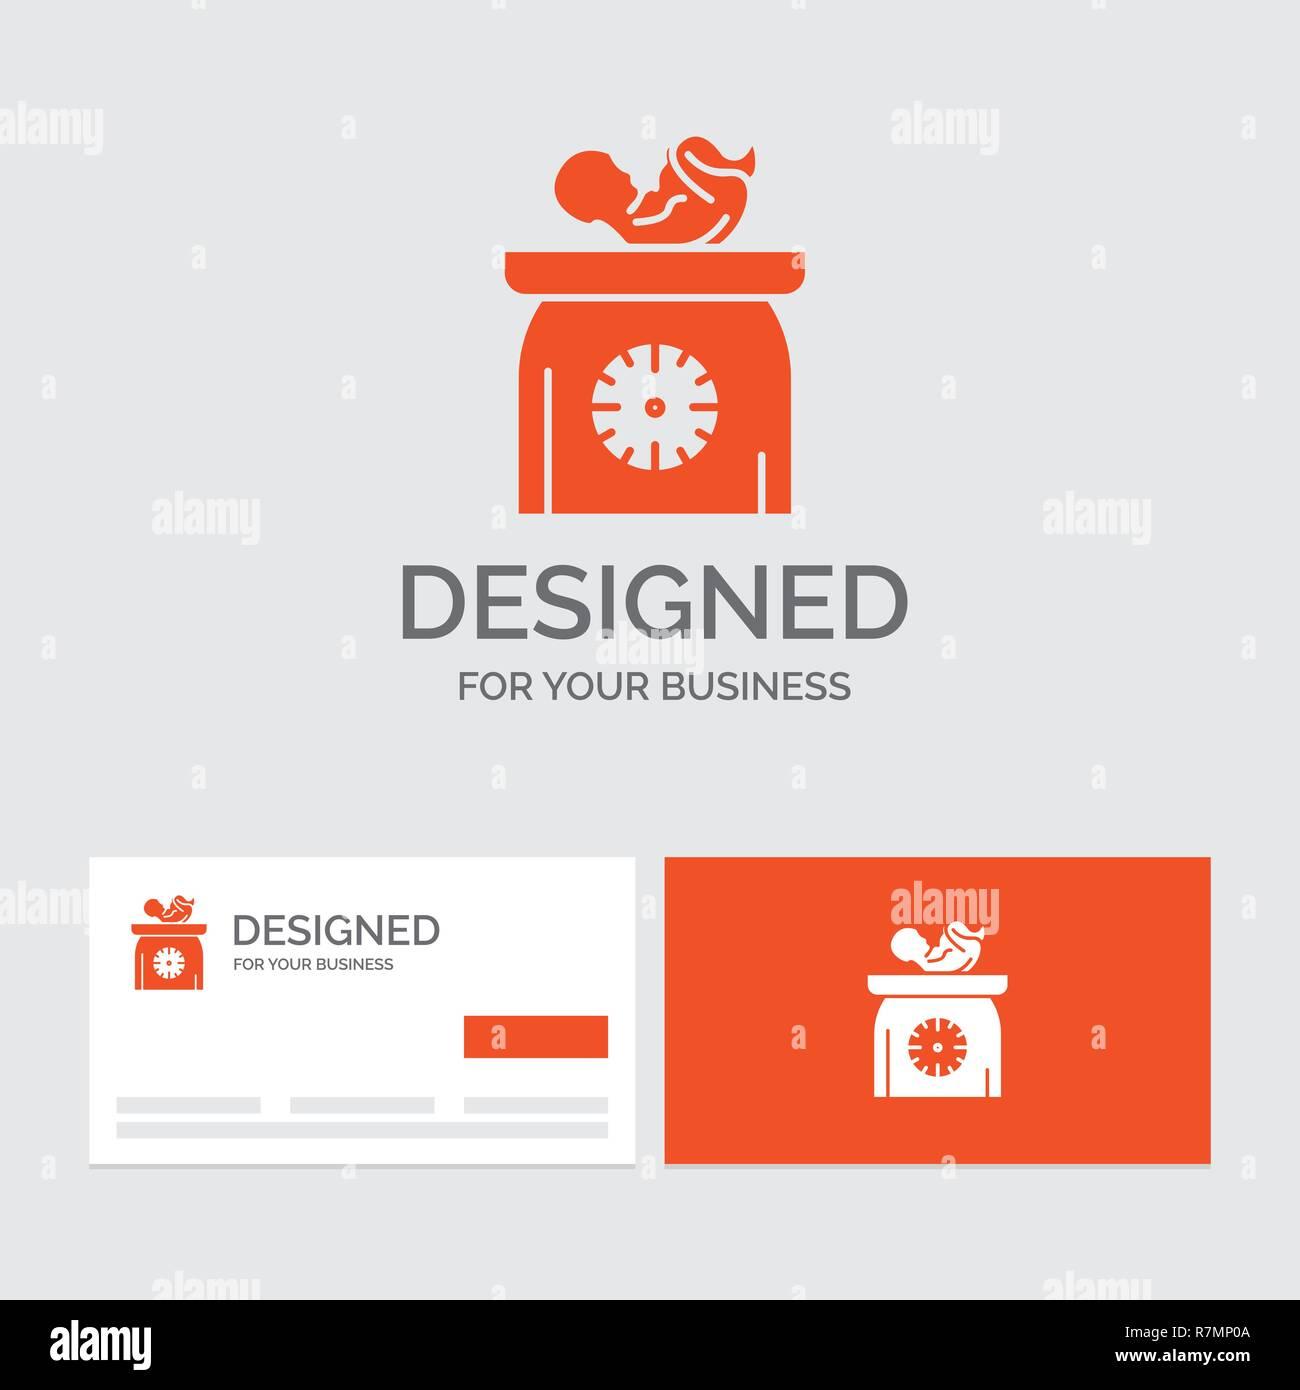 Logo Dentreprise Modele Pour Le Poids Bebe Nouveau Ne Balances Gamin Cartes De Visite Orange Avec Marque